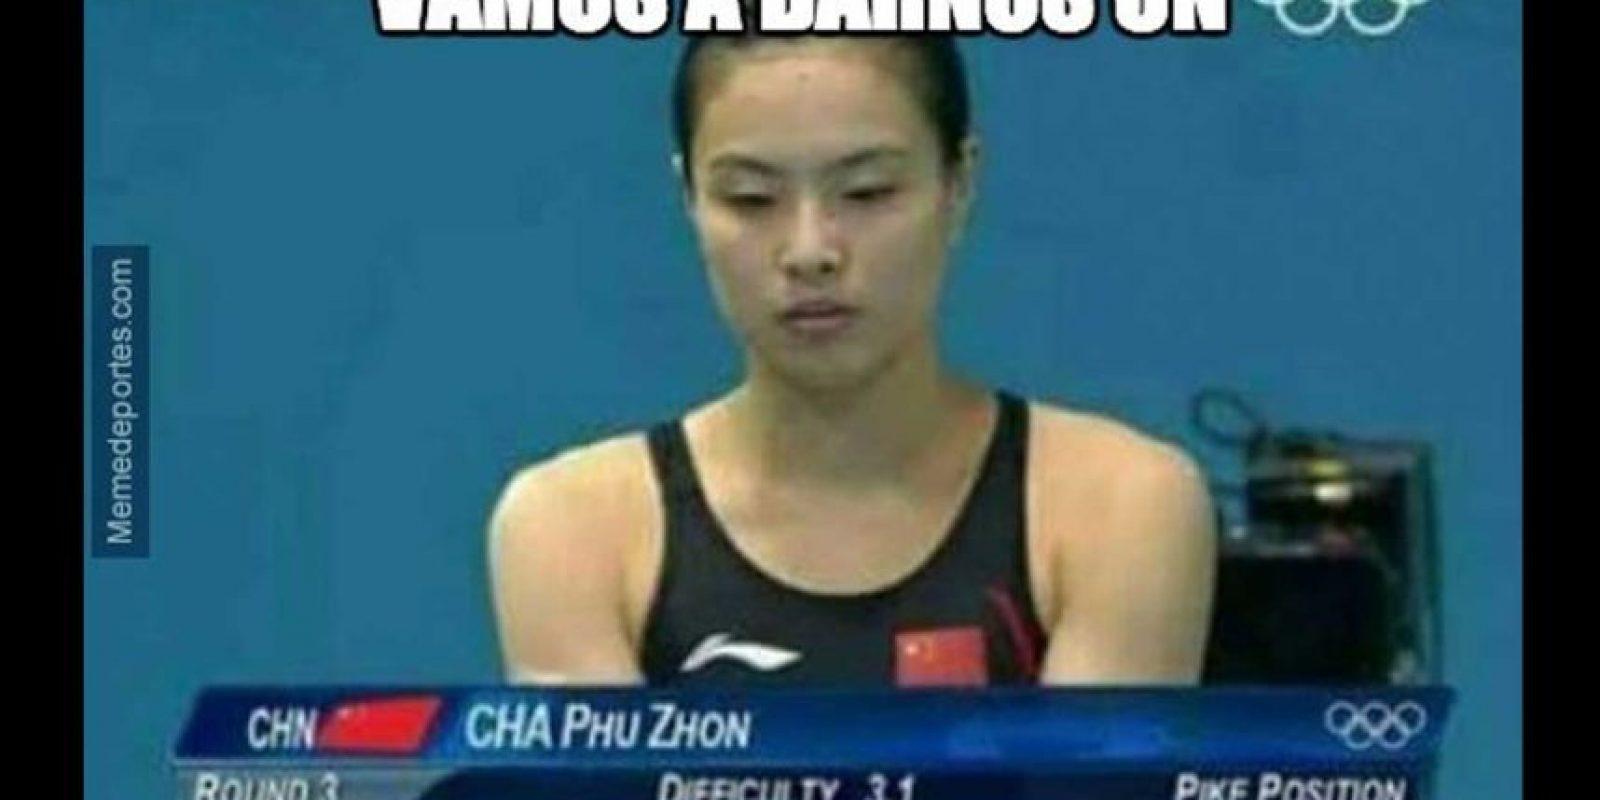 Los nombres de algunos deportistas también dieron de qué hablar. Foto:Vía twitter.com